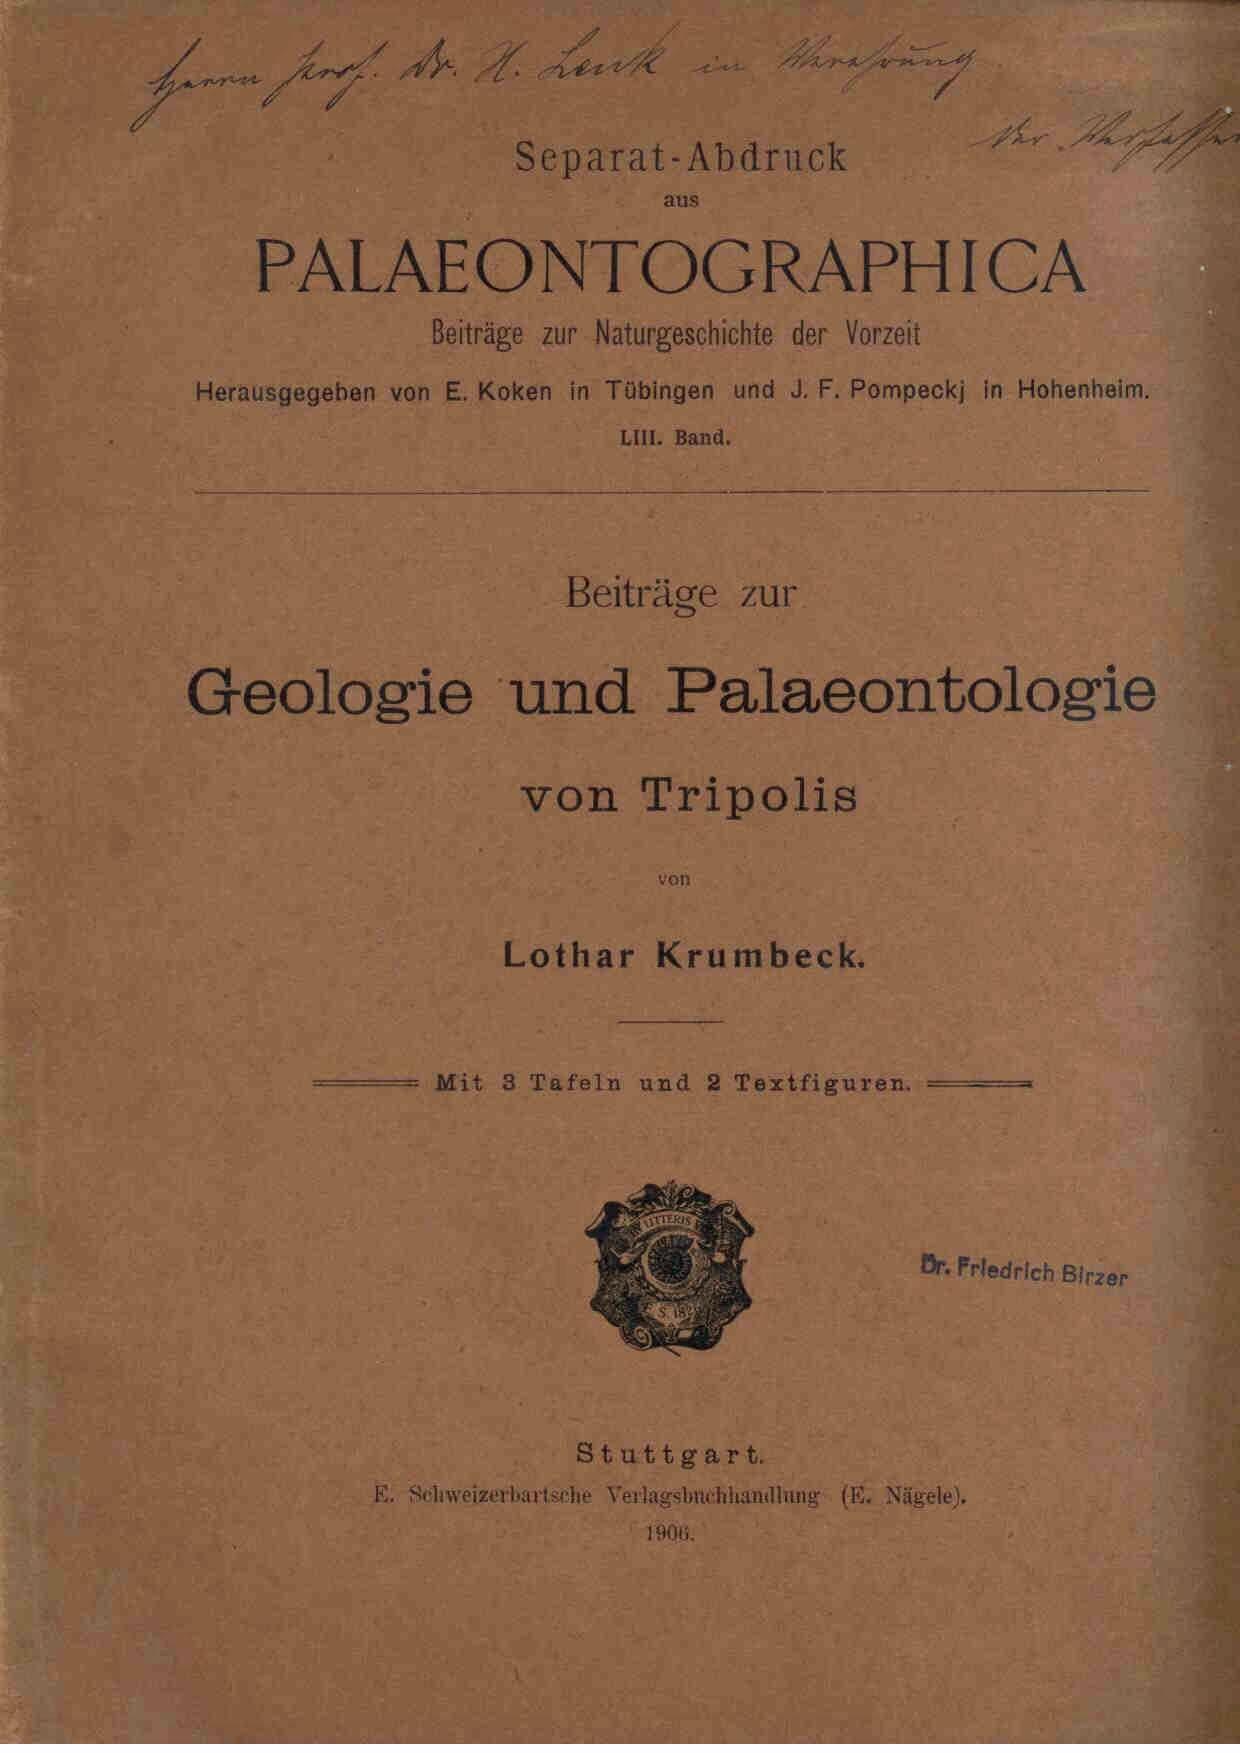 Krumbeck, L.: Beiträge zur Geologie und Palaeontologie von Tripolis